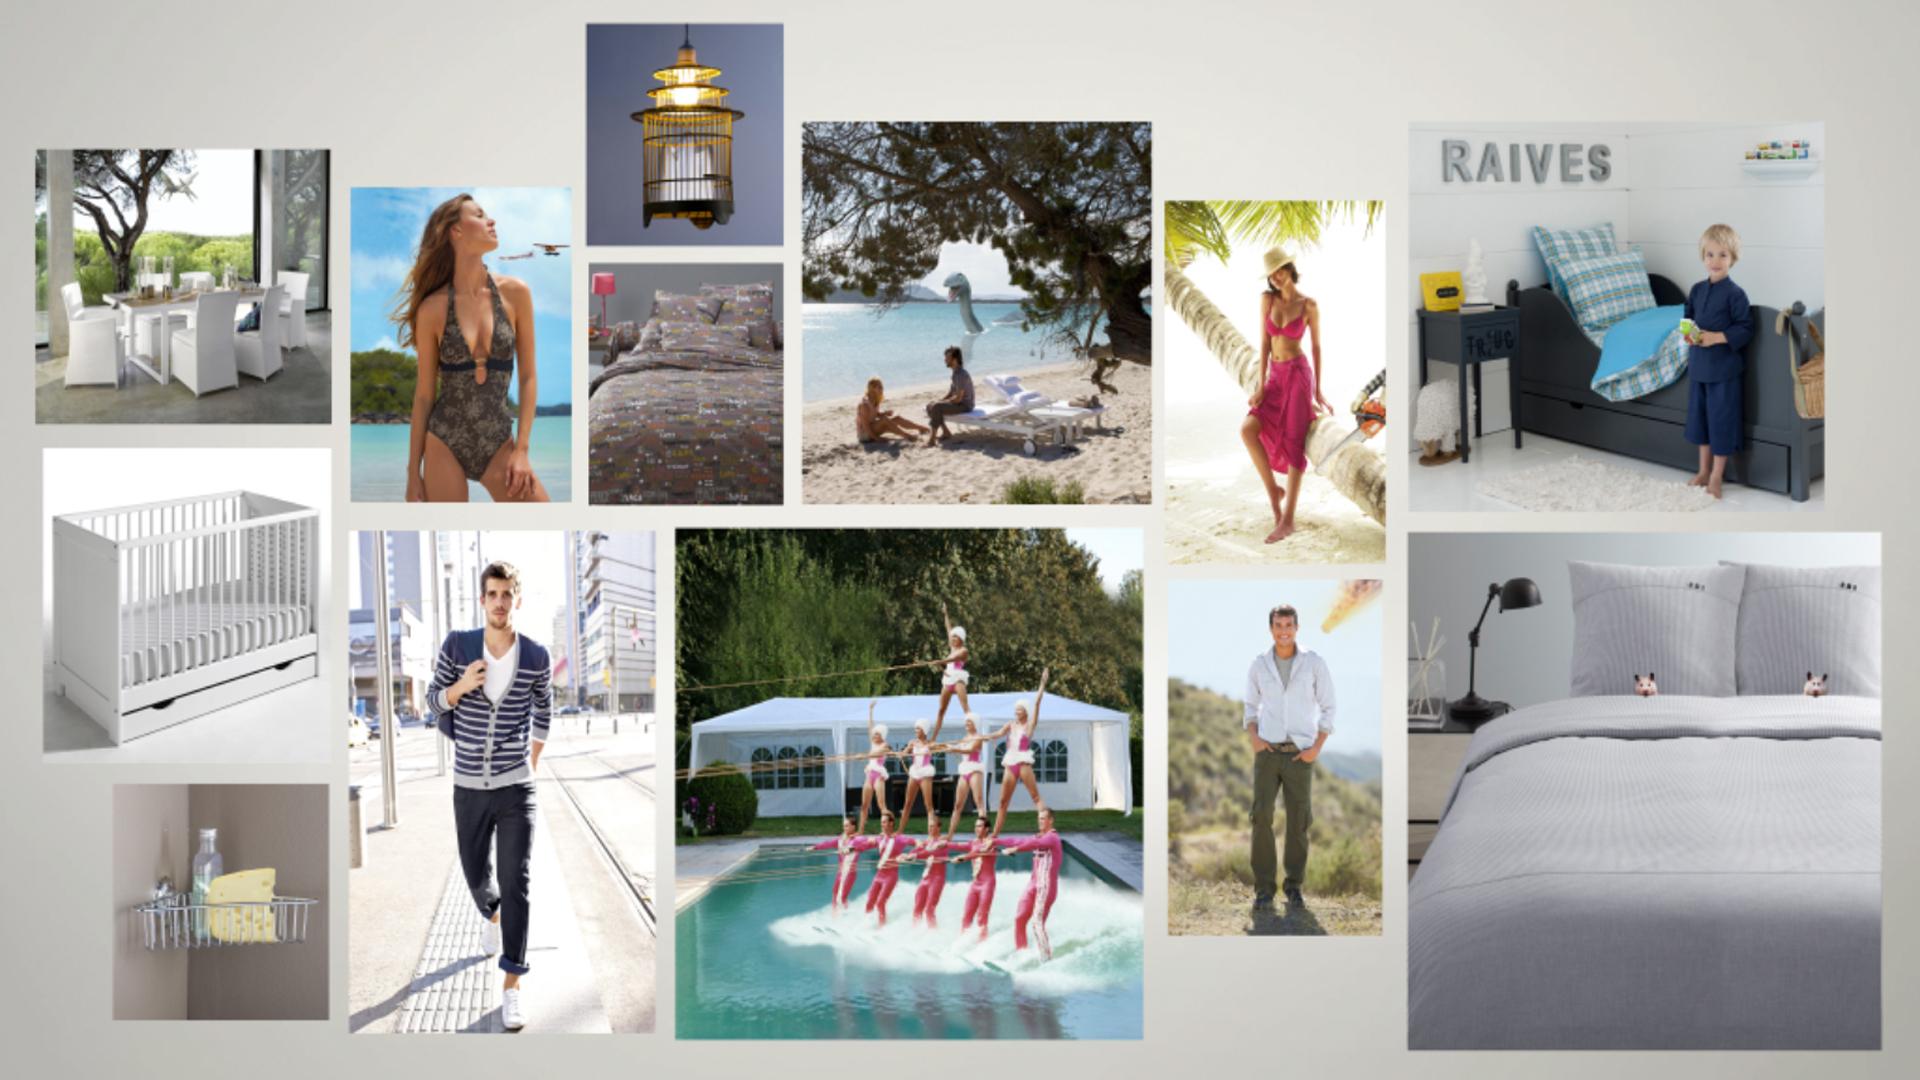 la redoute vente par correspondance l 39 homme nu les fails de la redoute f vrier 2012. Black Bedroom Furniture Sets. Home Design Ideas